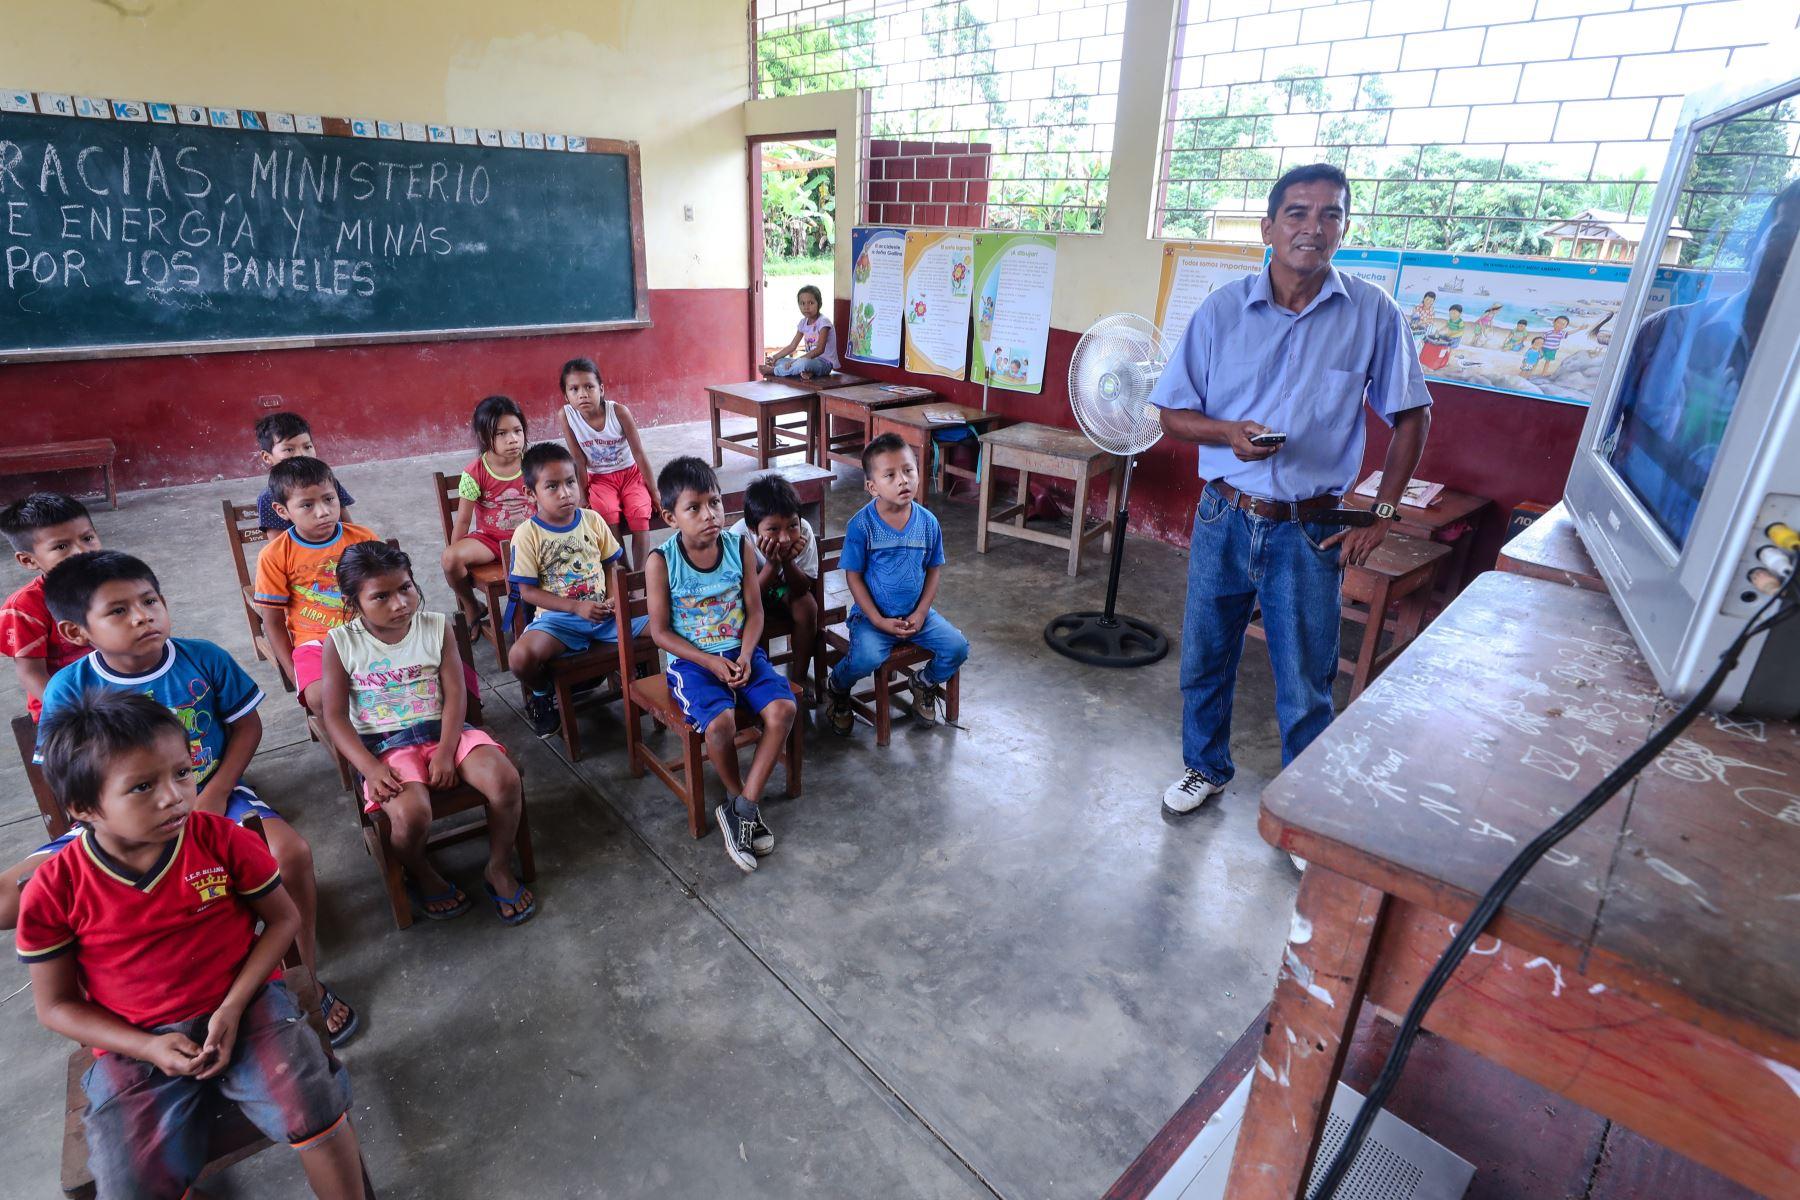 El colegio N° 60300 de la localidad de Miraflores, distrito de Mazán, Loreto, es la primera escuela de la Amazonía en contar con un sistema de paneles solares que le permitirá abastecerse de electricidad y con ello potenciar el desarrollo educativo de sus estudiantes.